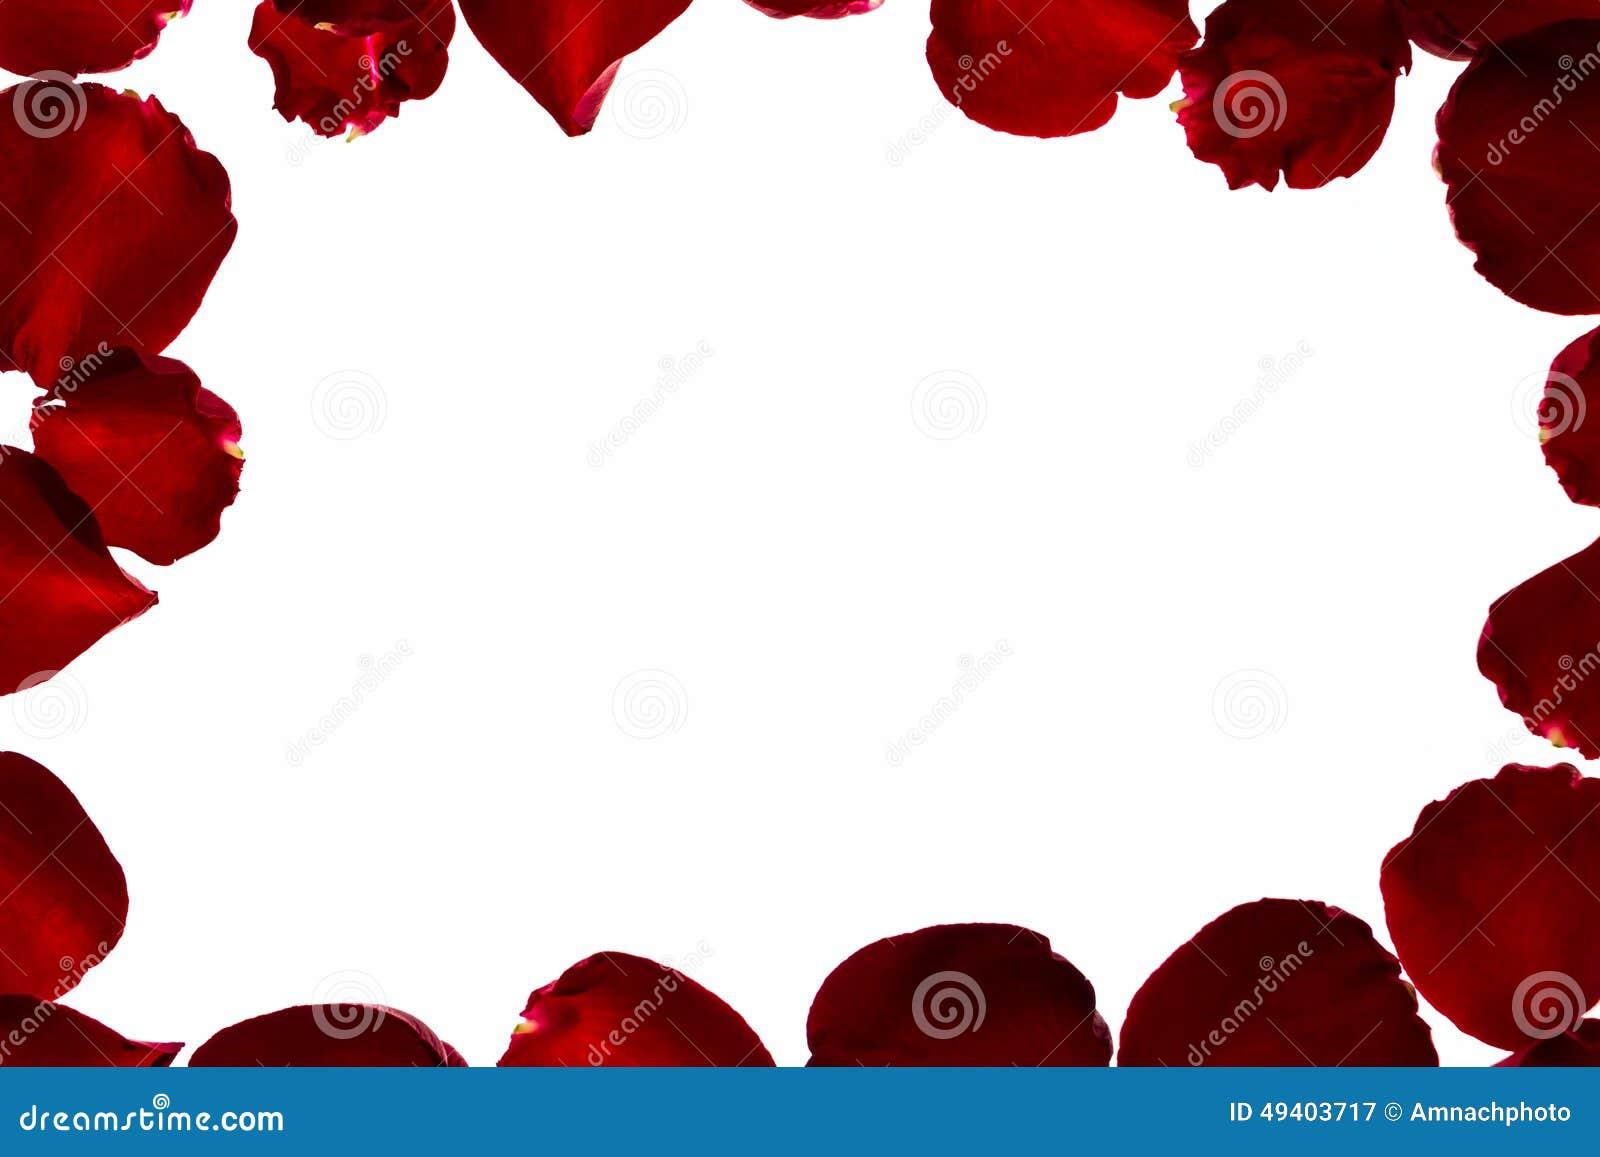 Download Blumenblatt der Rotrose stockbild. Bild von botanisch - 49403717